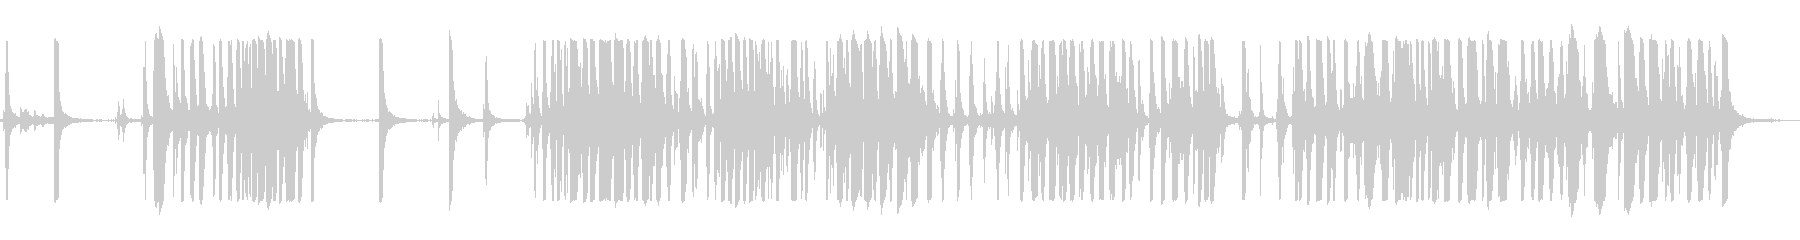 メタルクランク大の未再生の波形